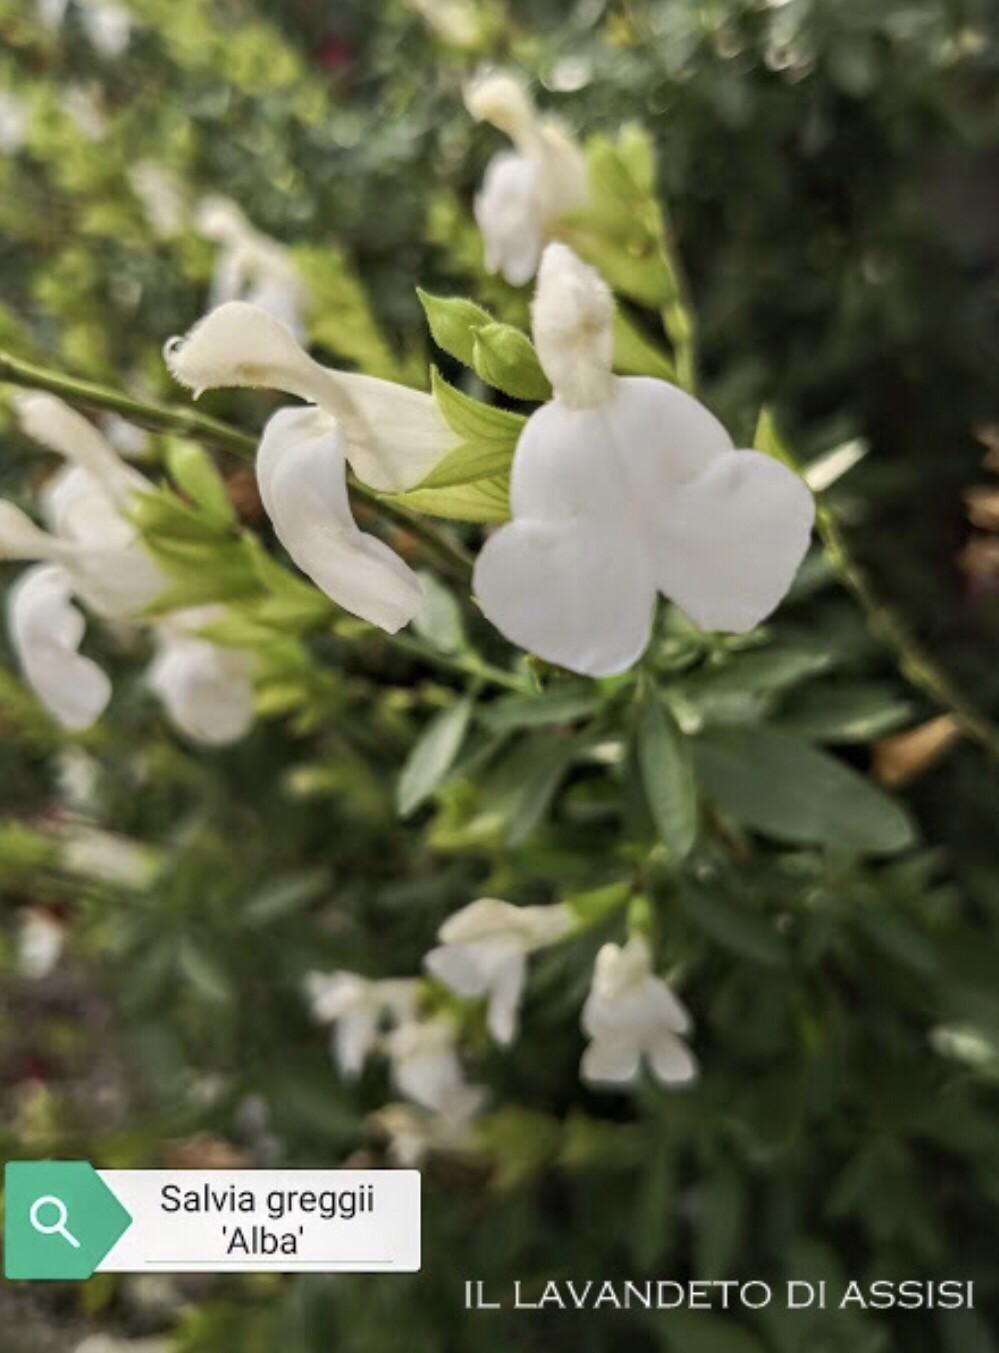 """Salvia Greggii """" Alba"""" Ordinare dal sito: https://www.illavandetodiassisi.com/catalogo-vendita-online.html"""